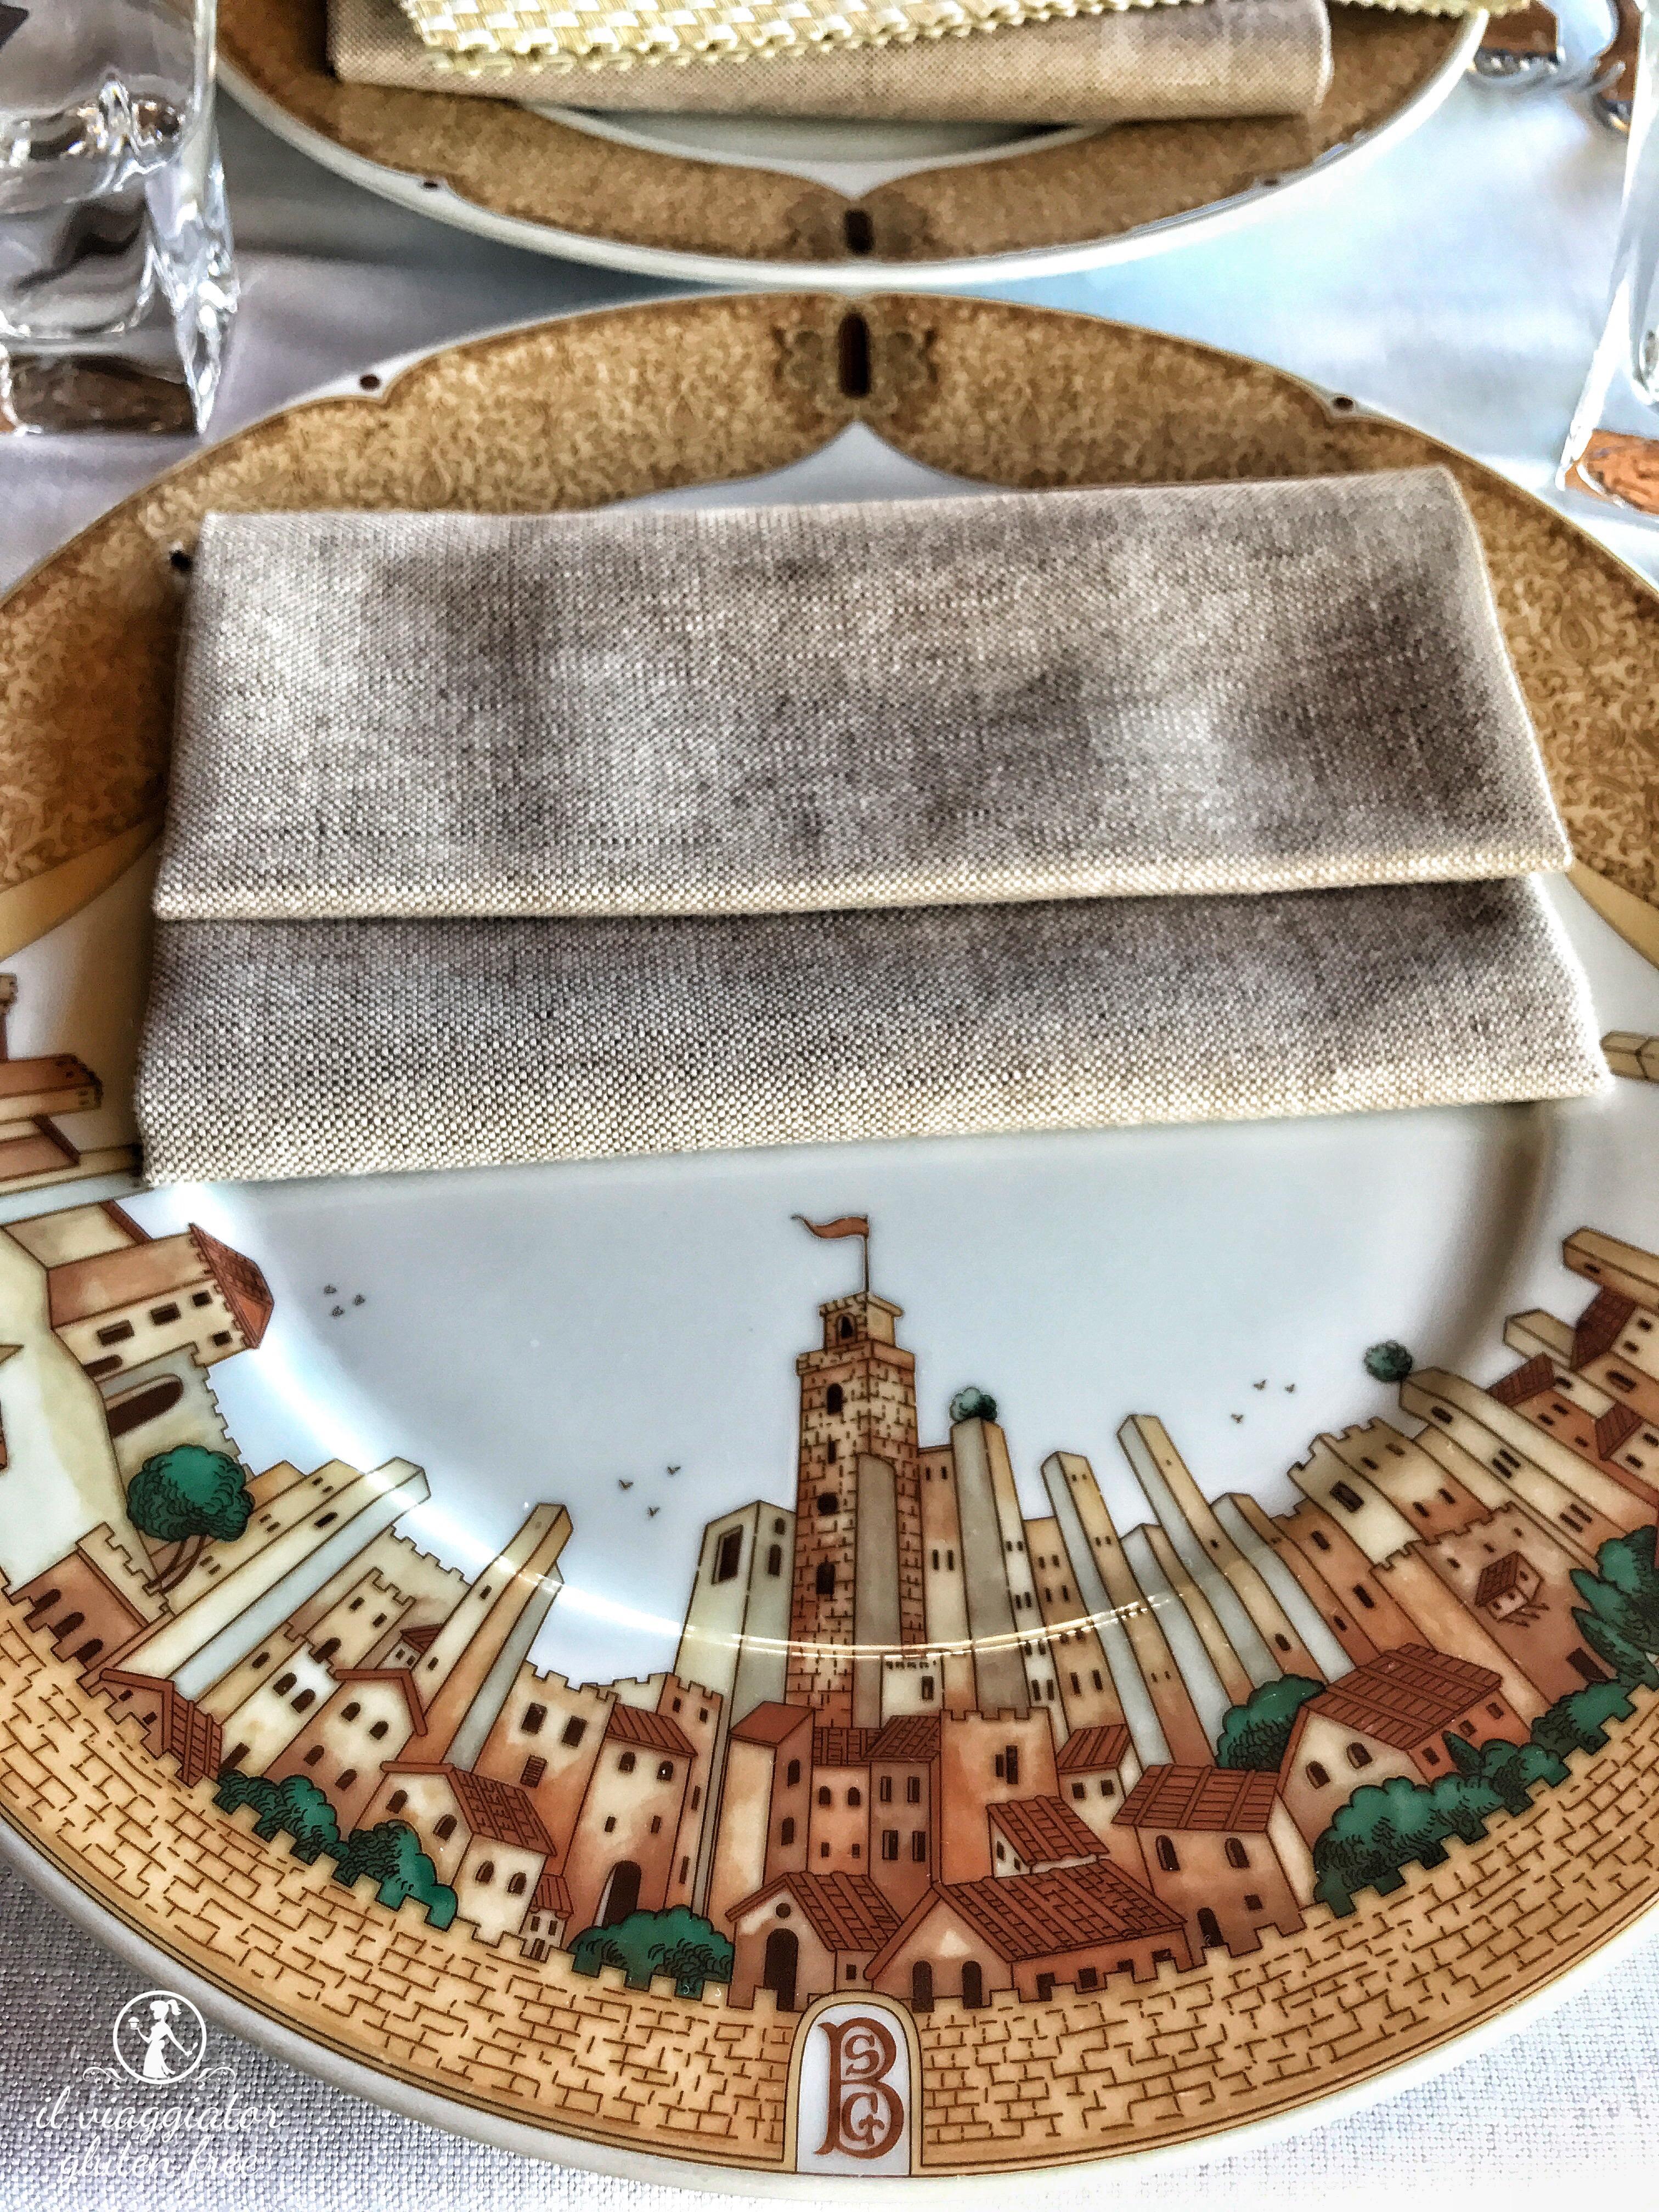 Penne senza glutine a San Gimignano accompagnate da una vista ...